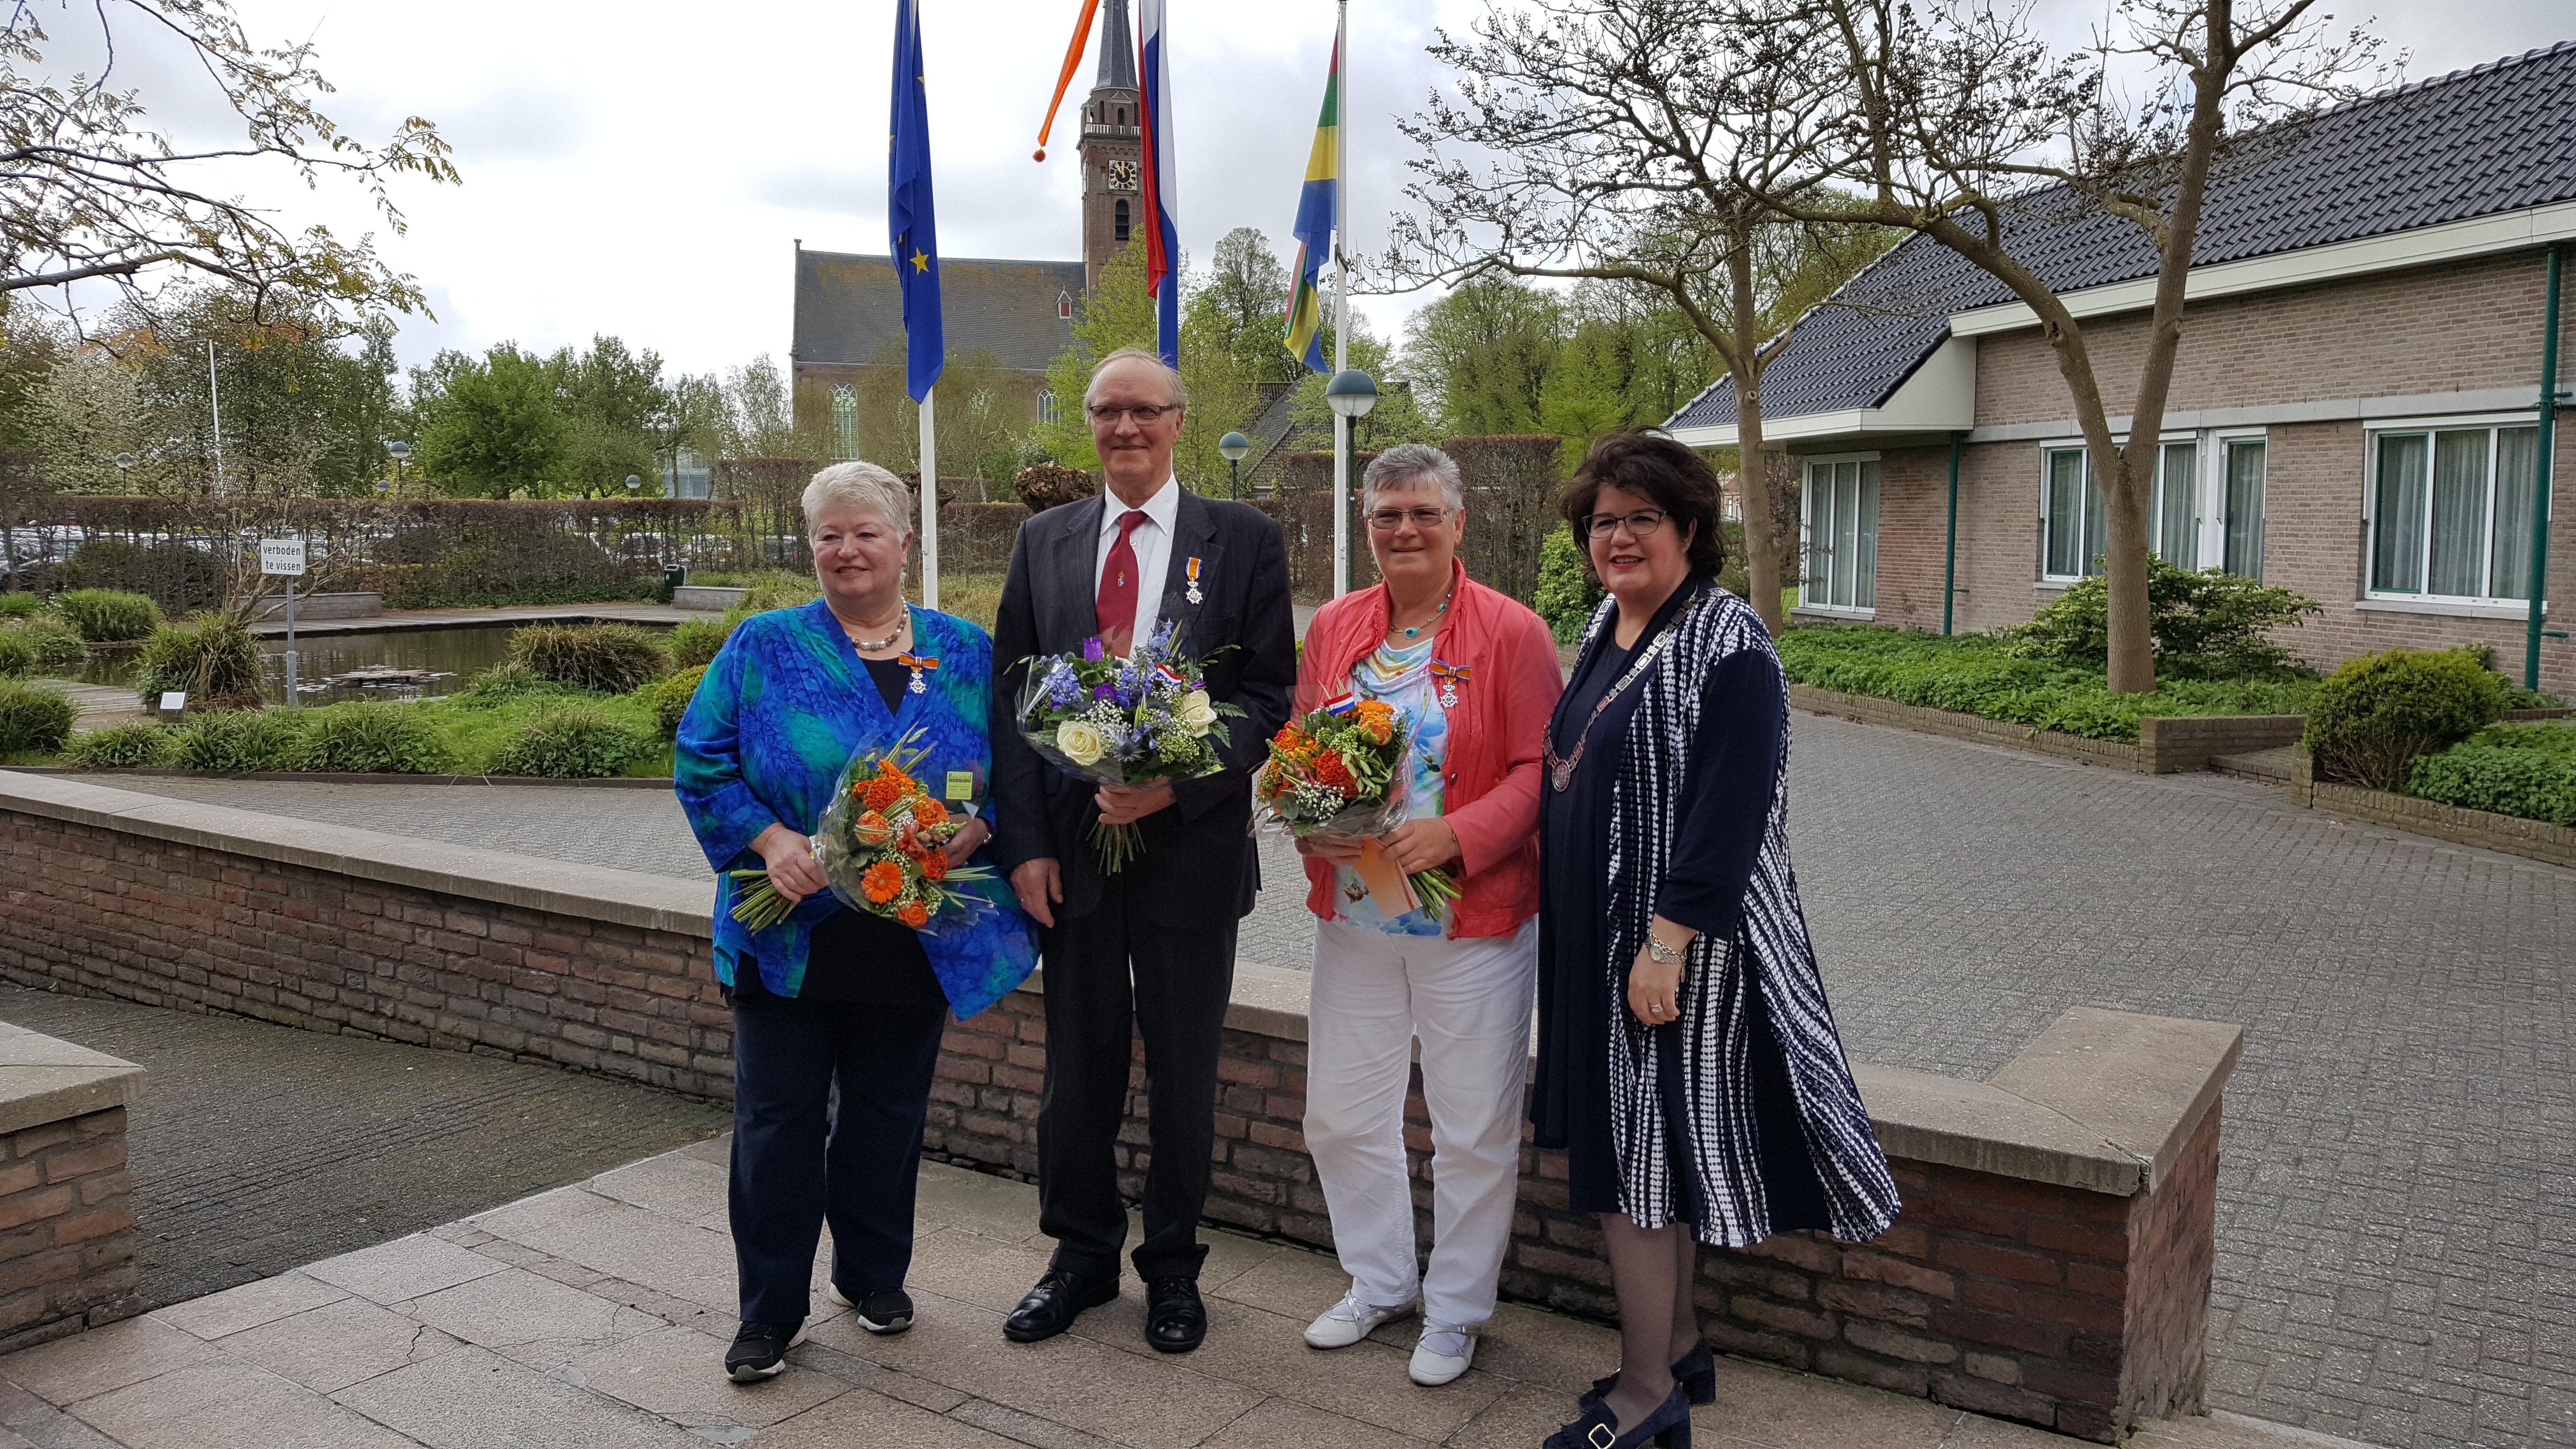 V.l.n.r. Hilda Reijm-Helder, Henk van der Molen, Ria Duijn-Van Beusekom en burgemeester Joyce van Beek. (Foto: gemeente Beemster)